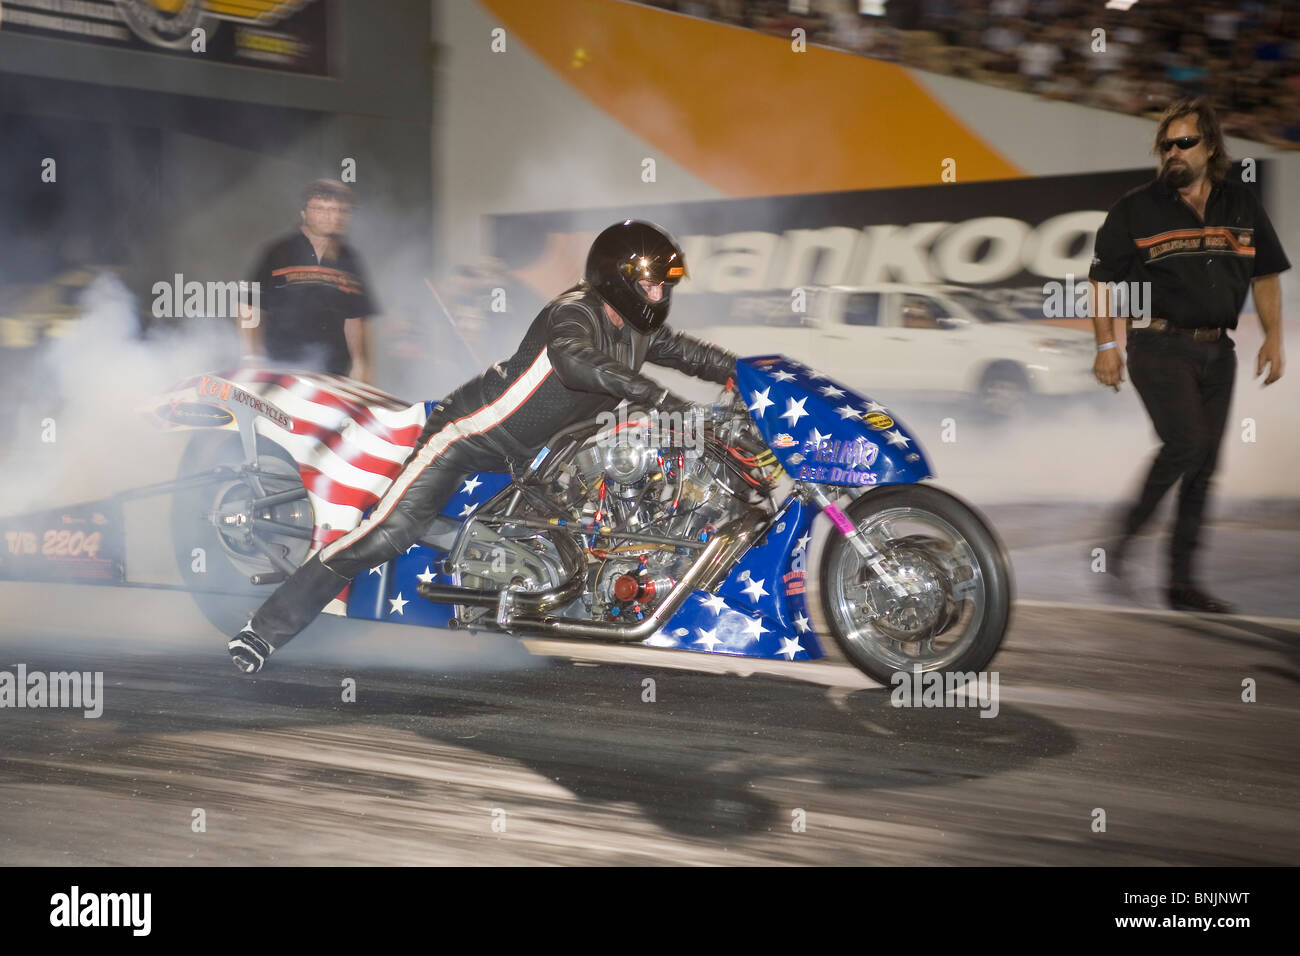 Australian Top Bike Nitro Harley Drag Racing Motorcycle Performing